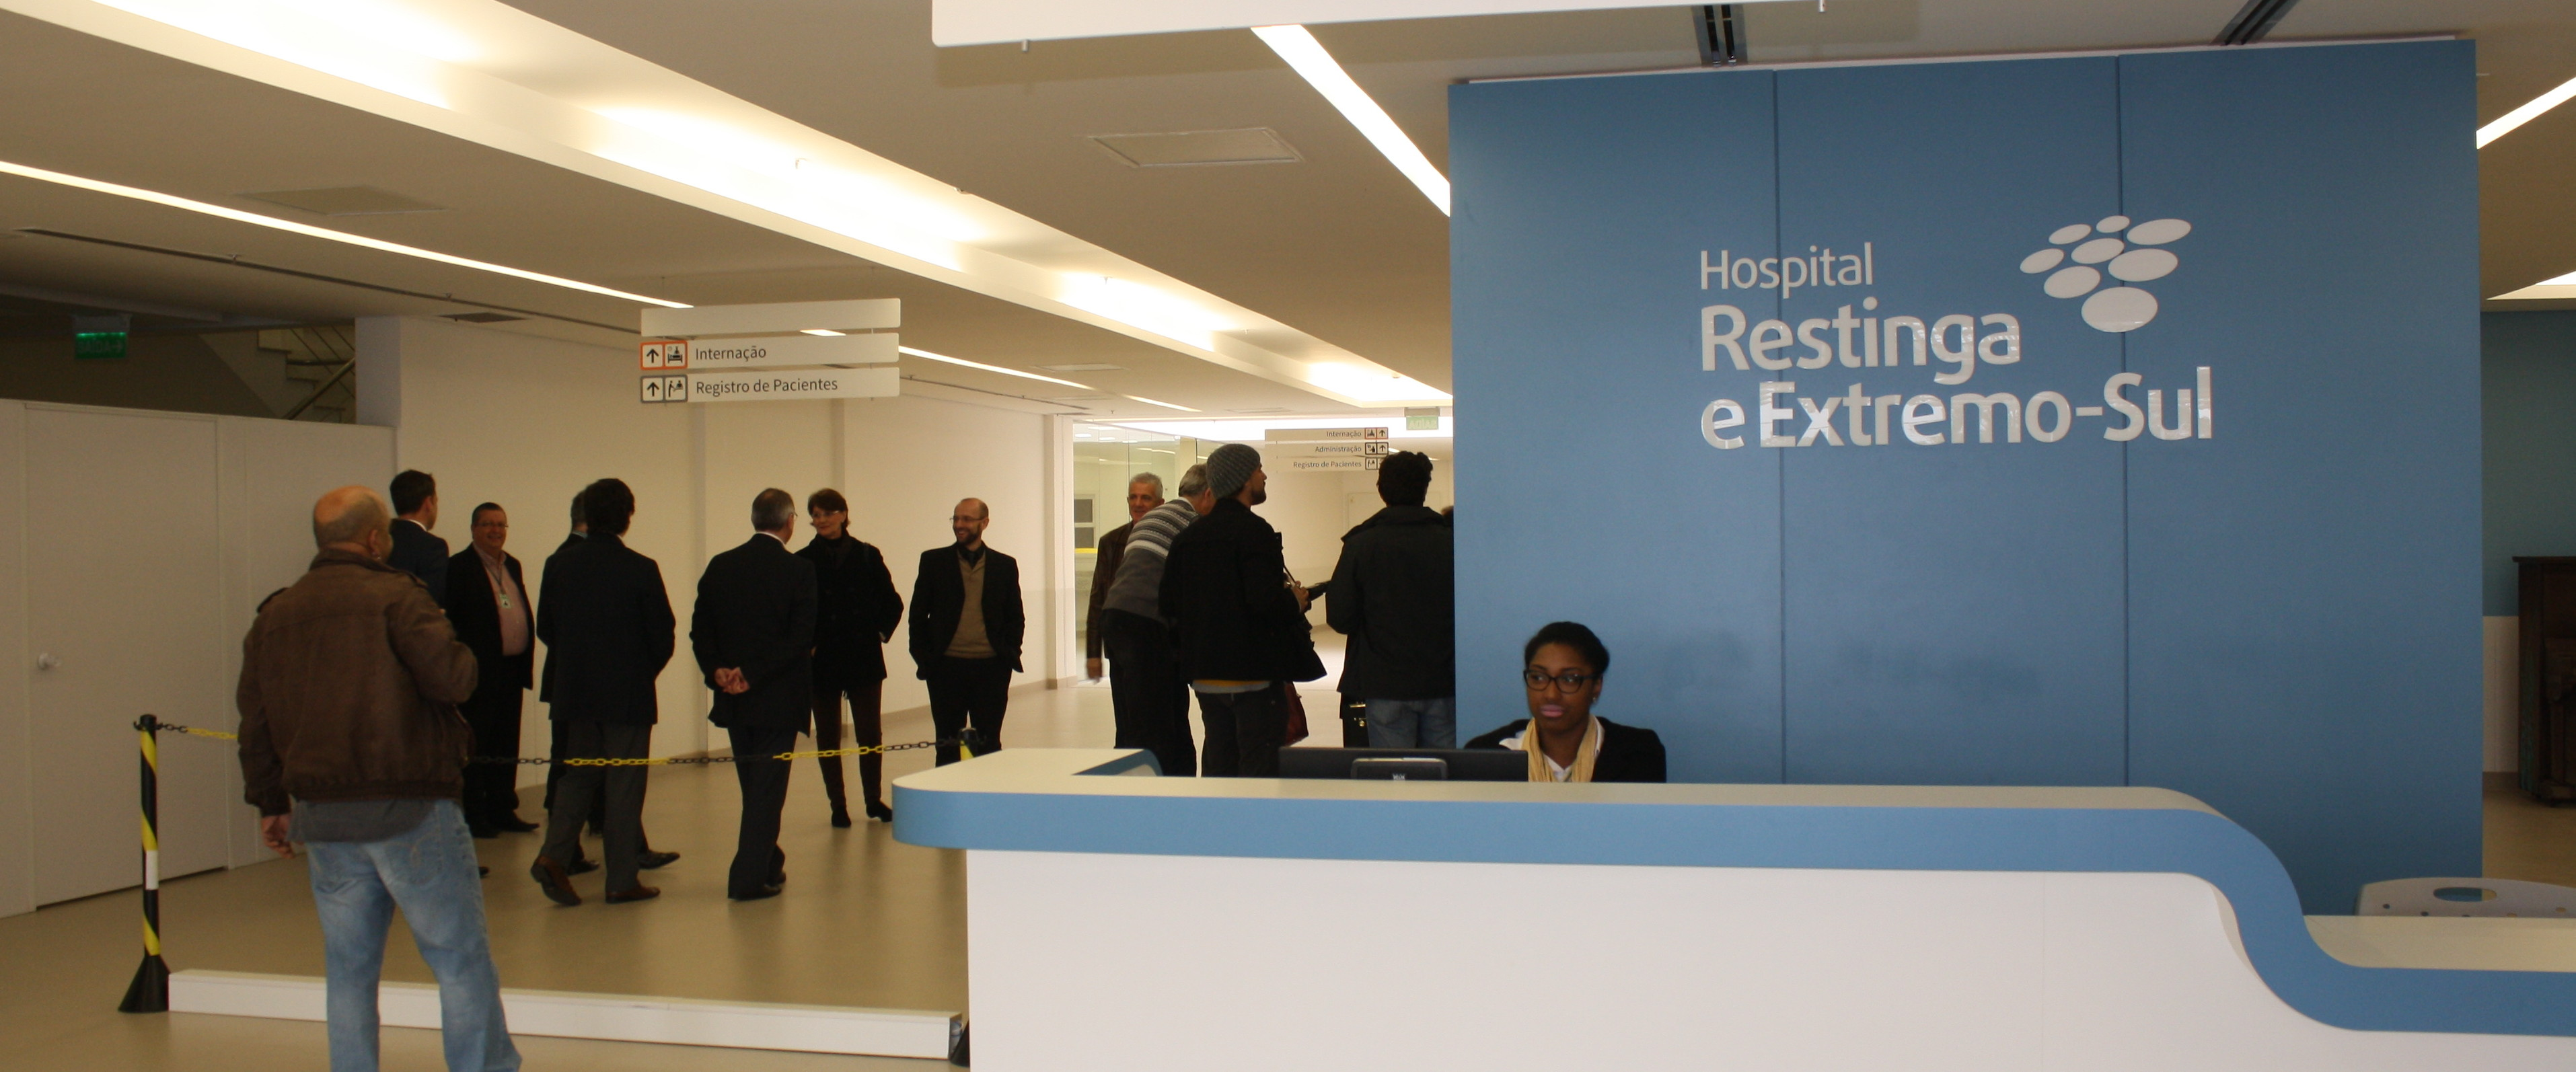 Hospital completa um ano de atividades na Restinga